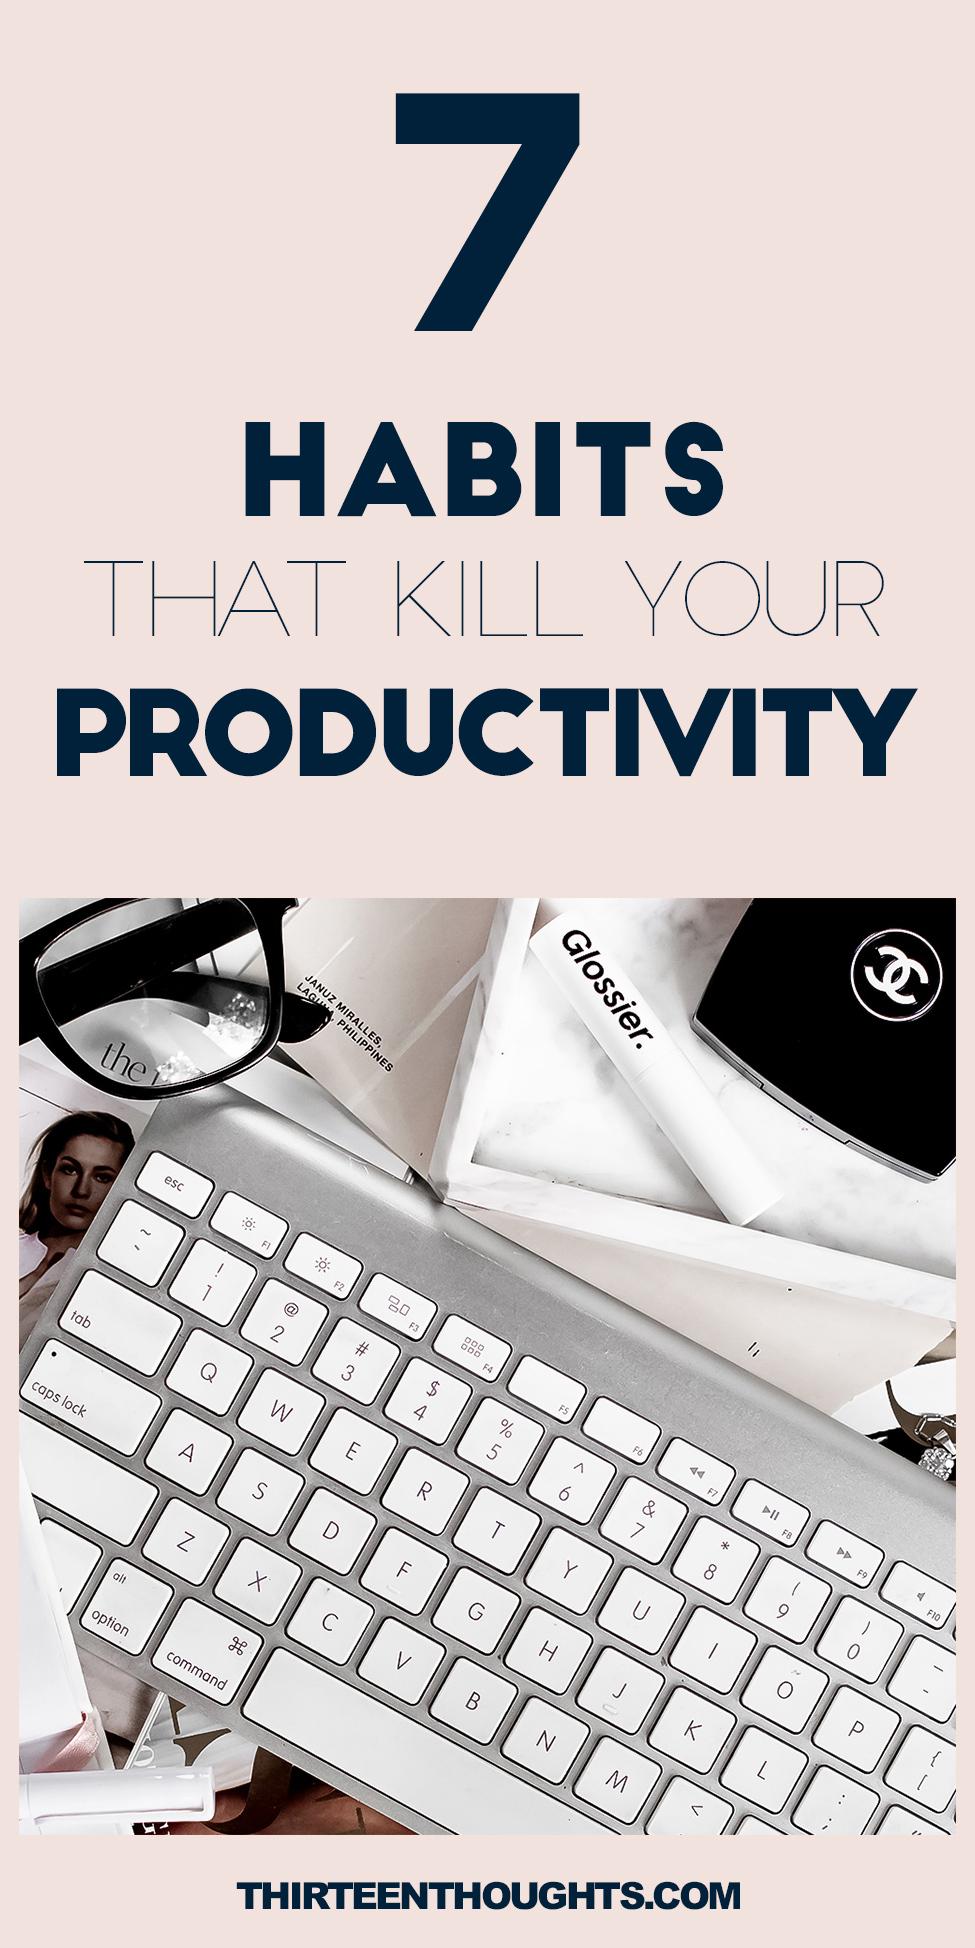 7 Habits That Kill Your Productivity #Productivity